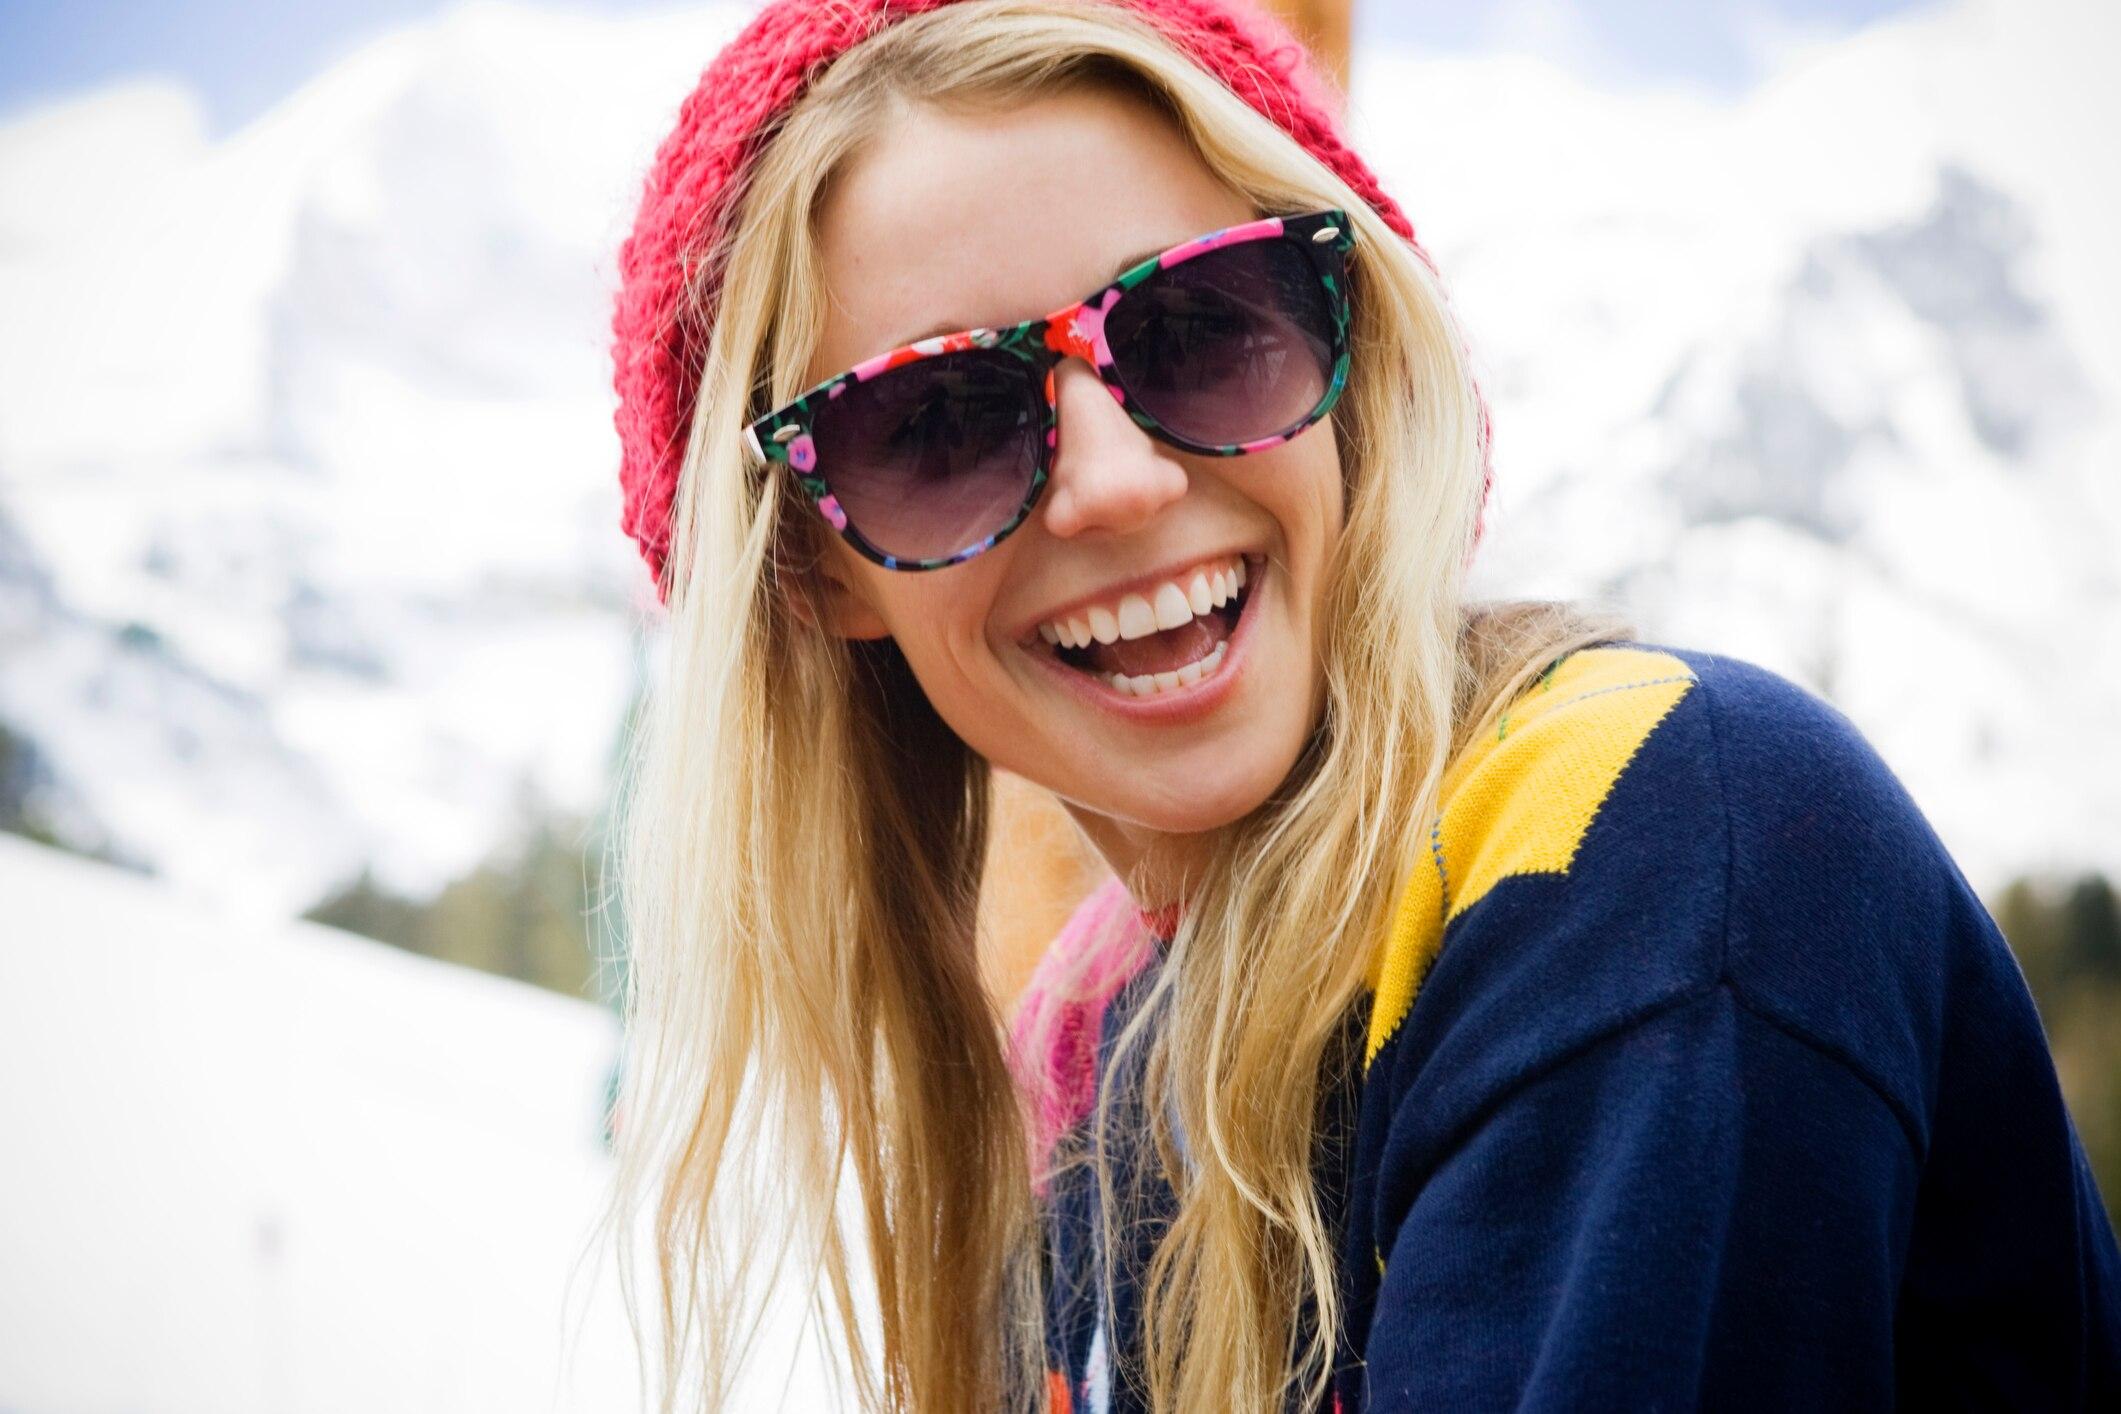 Sollte ich auch im Winter eine Sonnenbrille tragen?